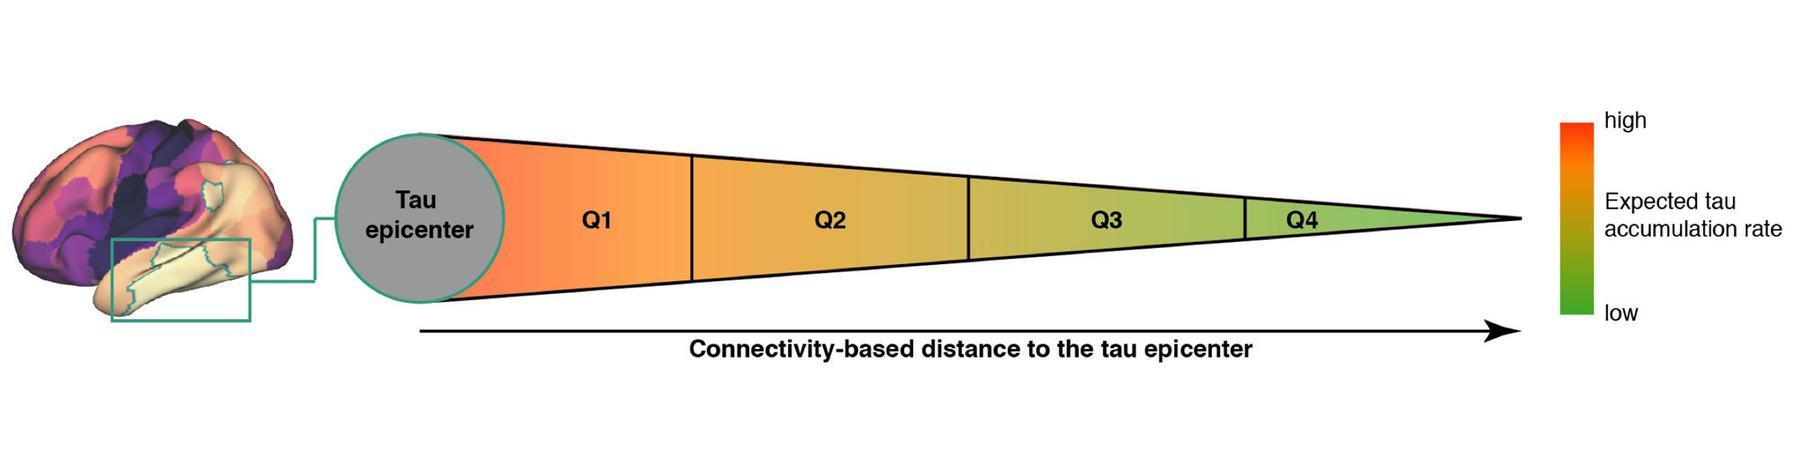 Franzmeier et al., Sci Adv, 2020